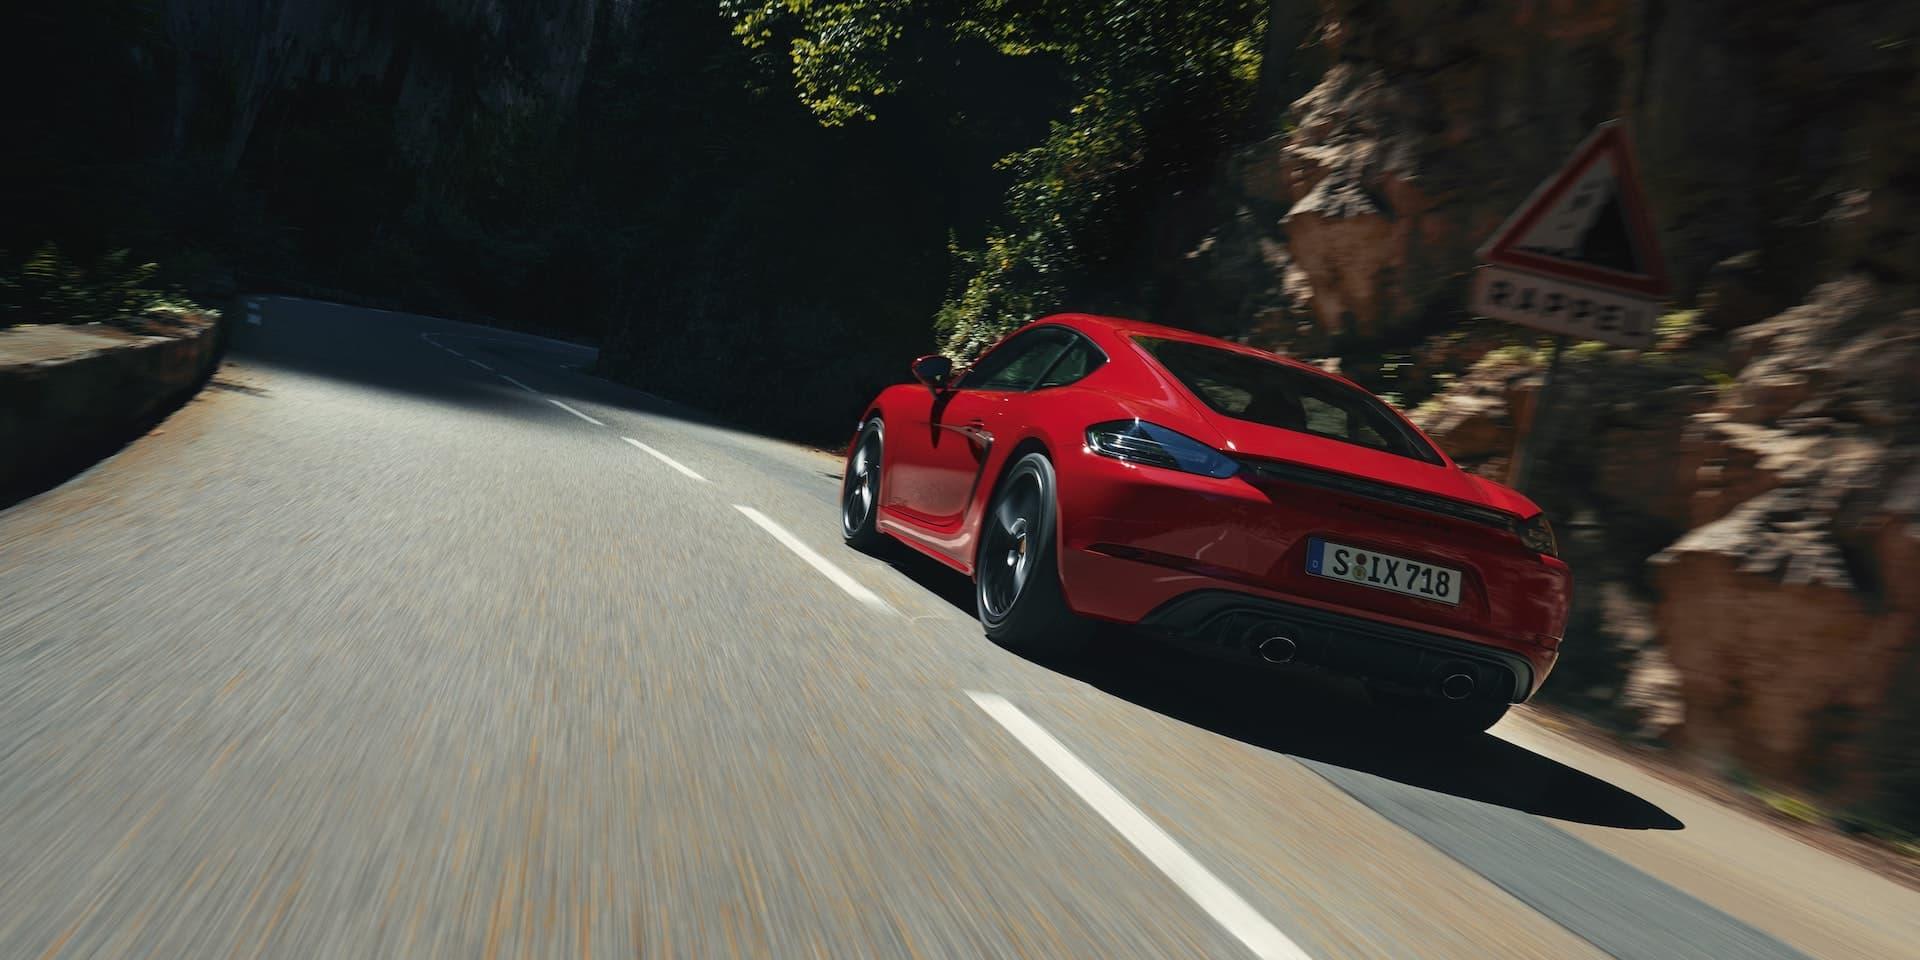 2020 Porsche 718 Cayman GTS 4.0-litre six-cylinder